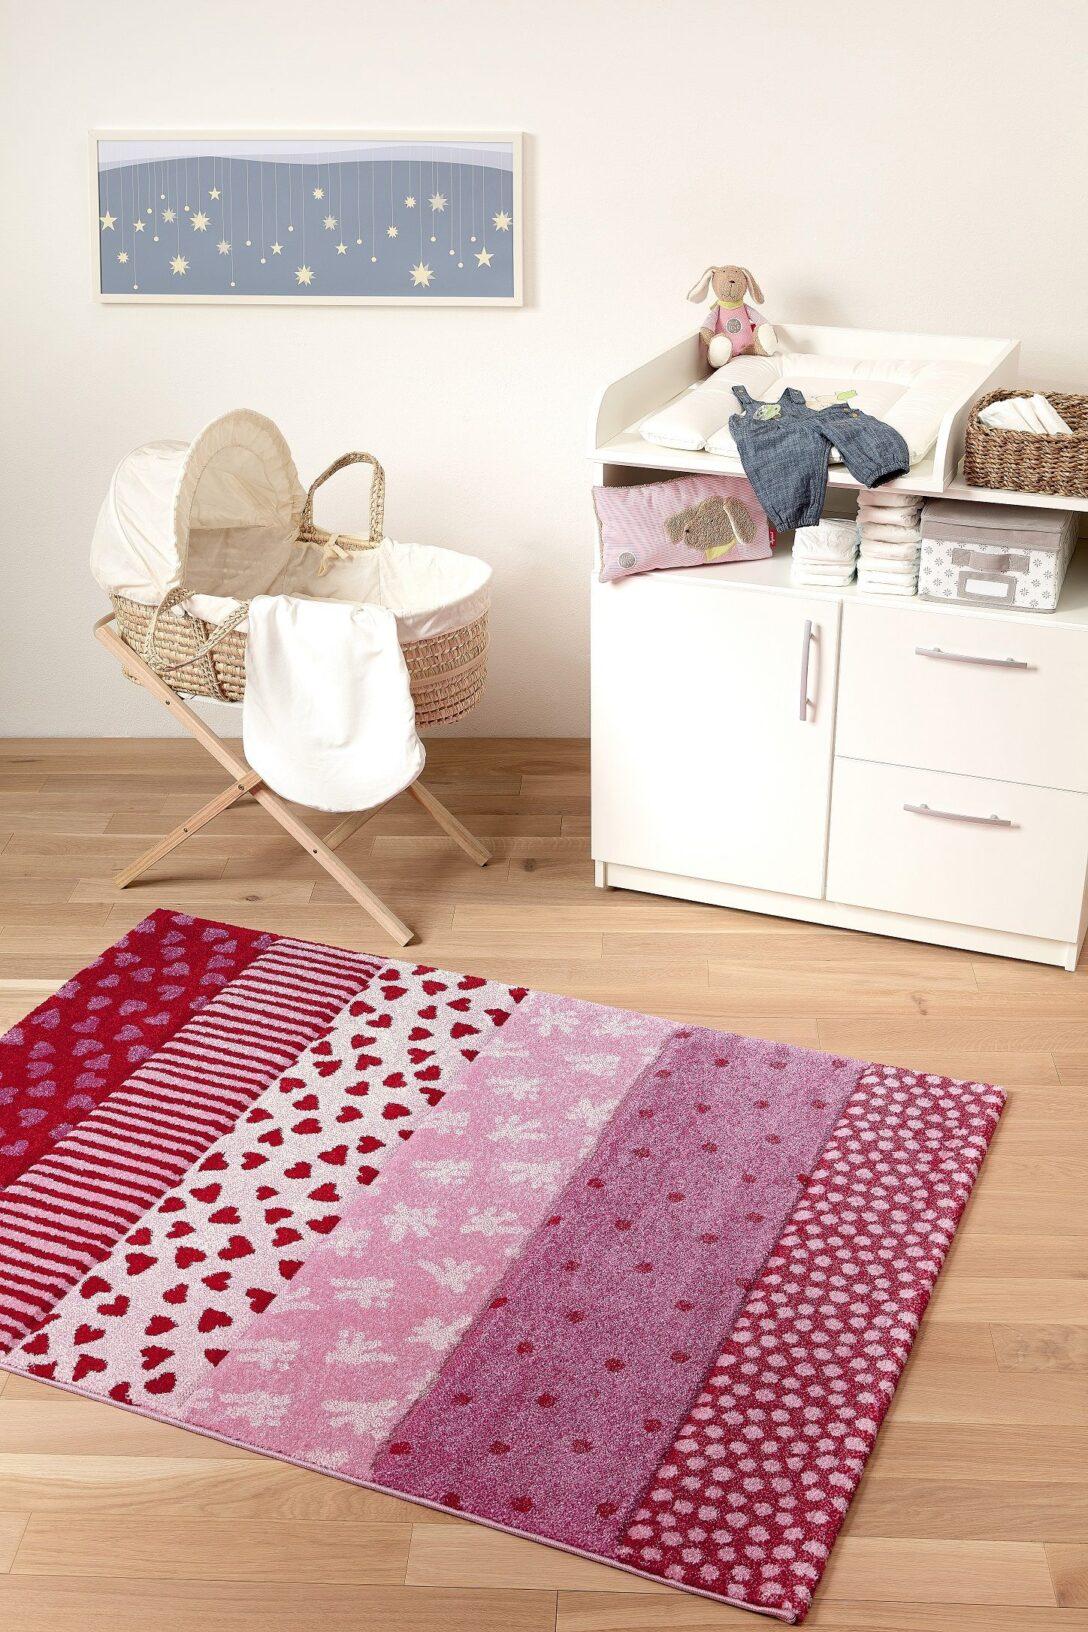 Large Size of Teppichboden Kinderzimmer Regale Regal Sofa Weiß Kinderzimmer Teppichboden Kinderzimmer